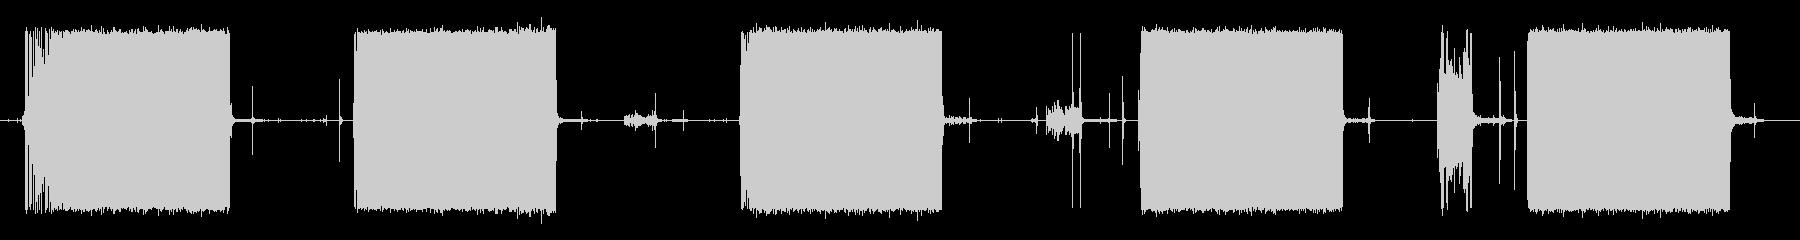 自動マネーカウンター、5バージョン...の未再生の波形